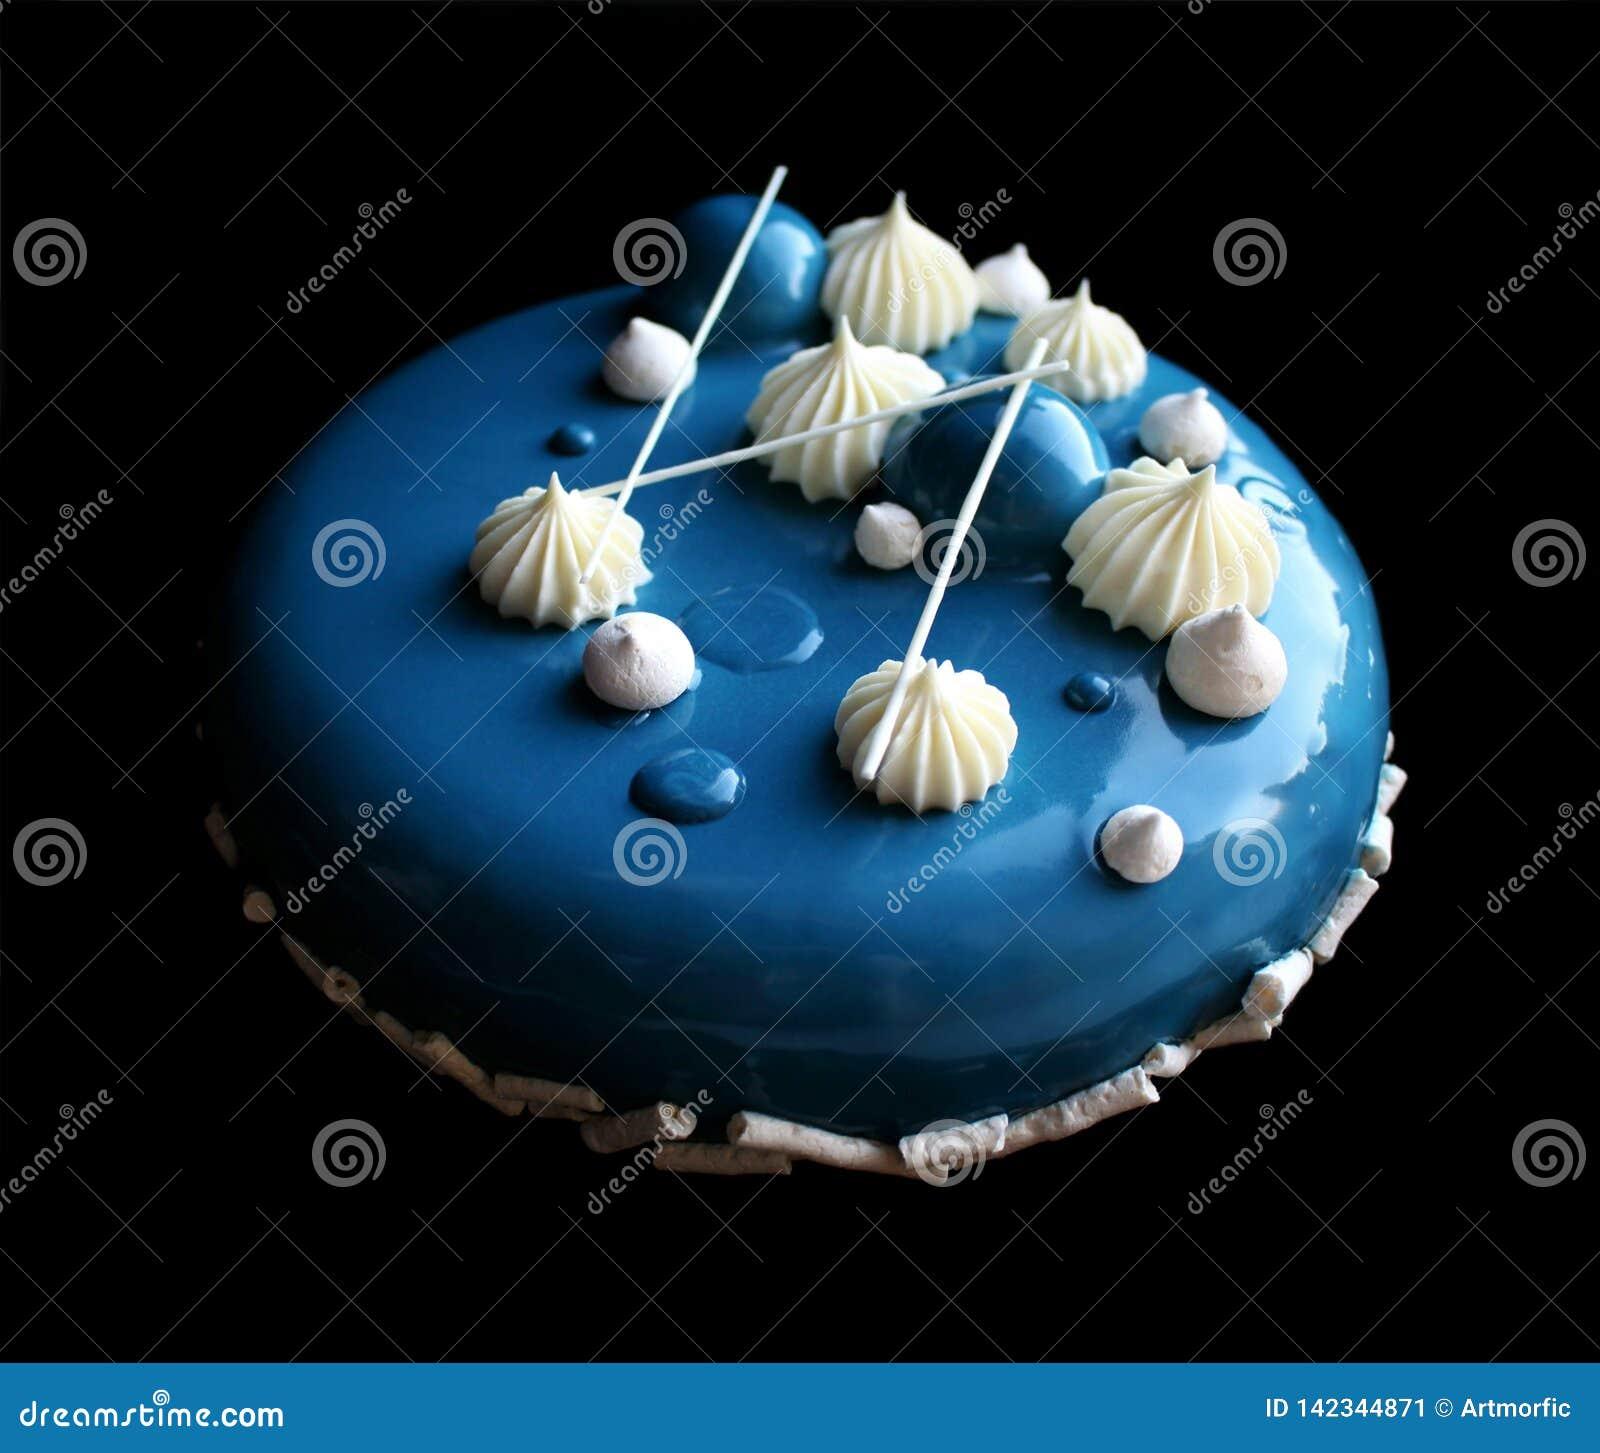 Bolo azul e branco com o bolo brilhante branco da musse com esmalte, merengues e ganache do espelho